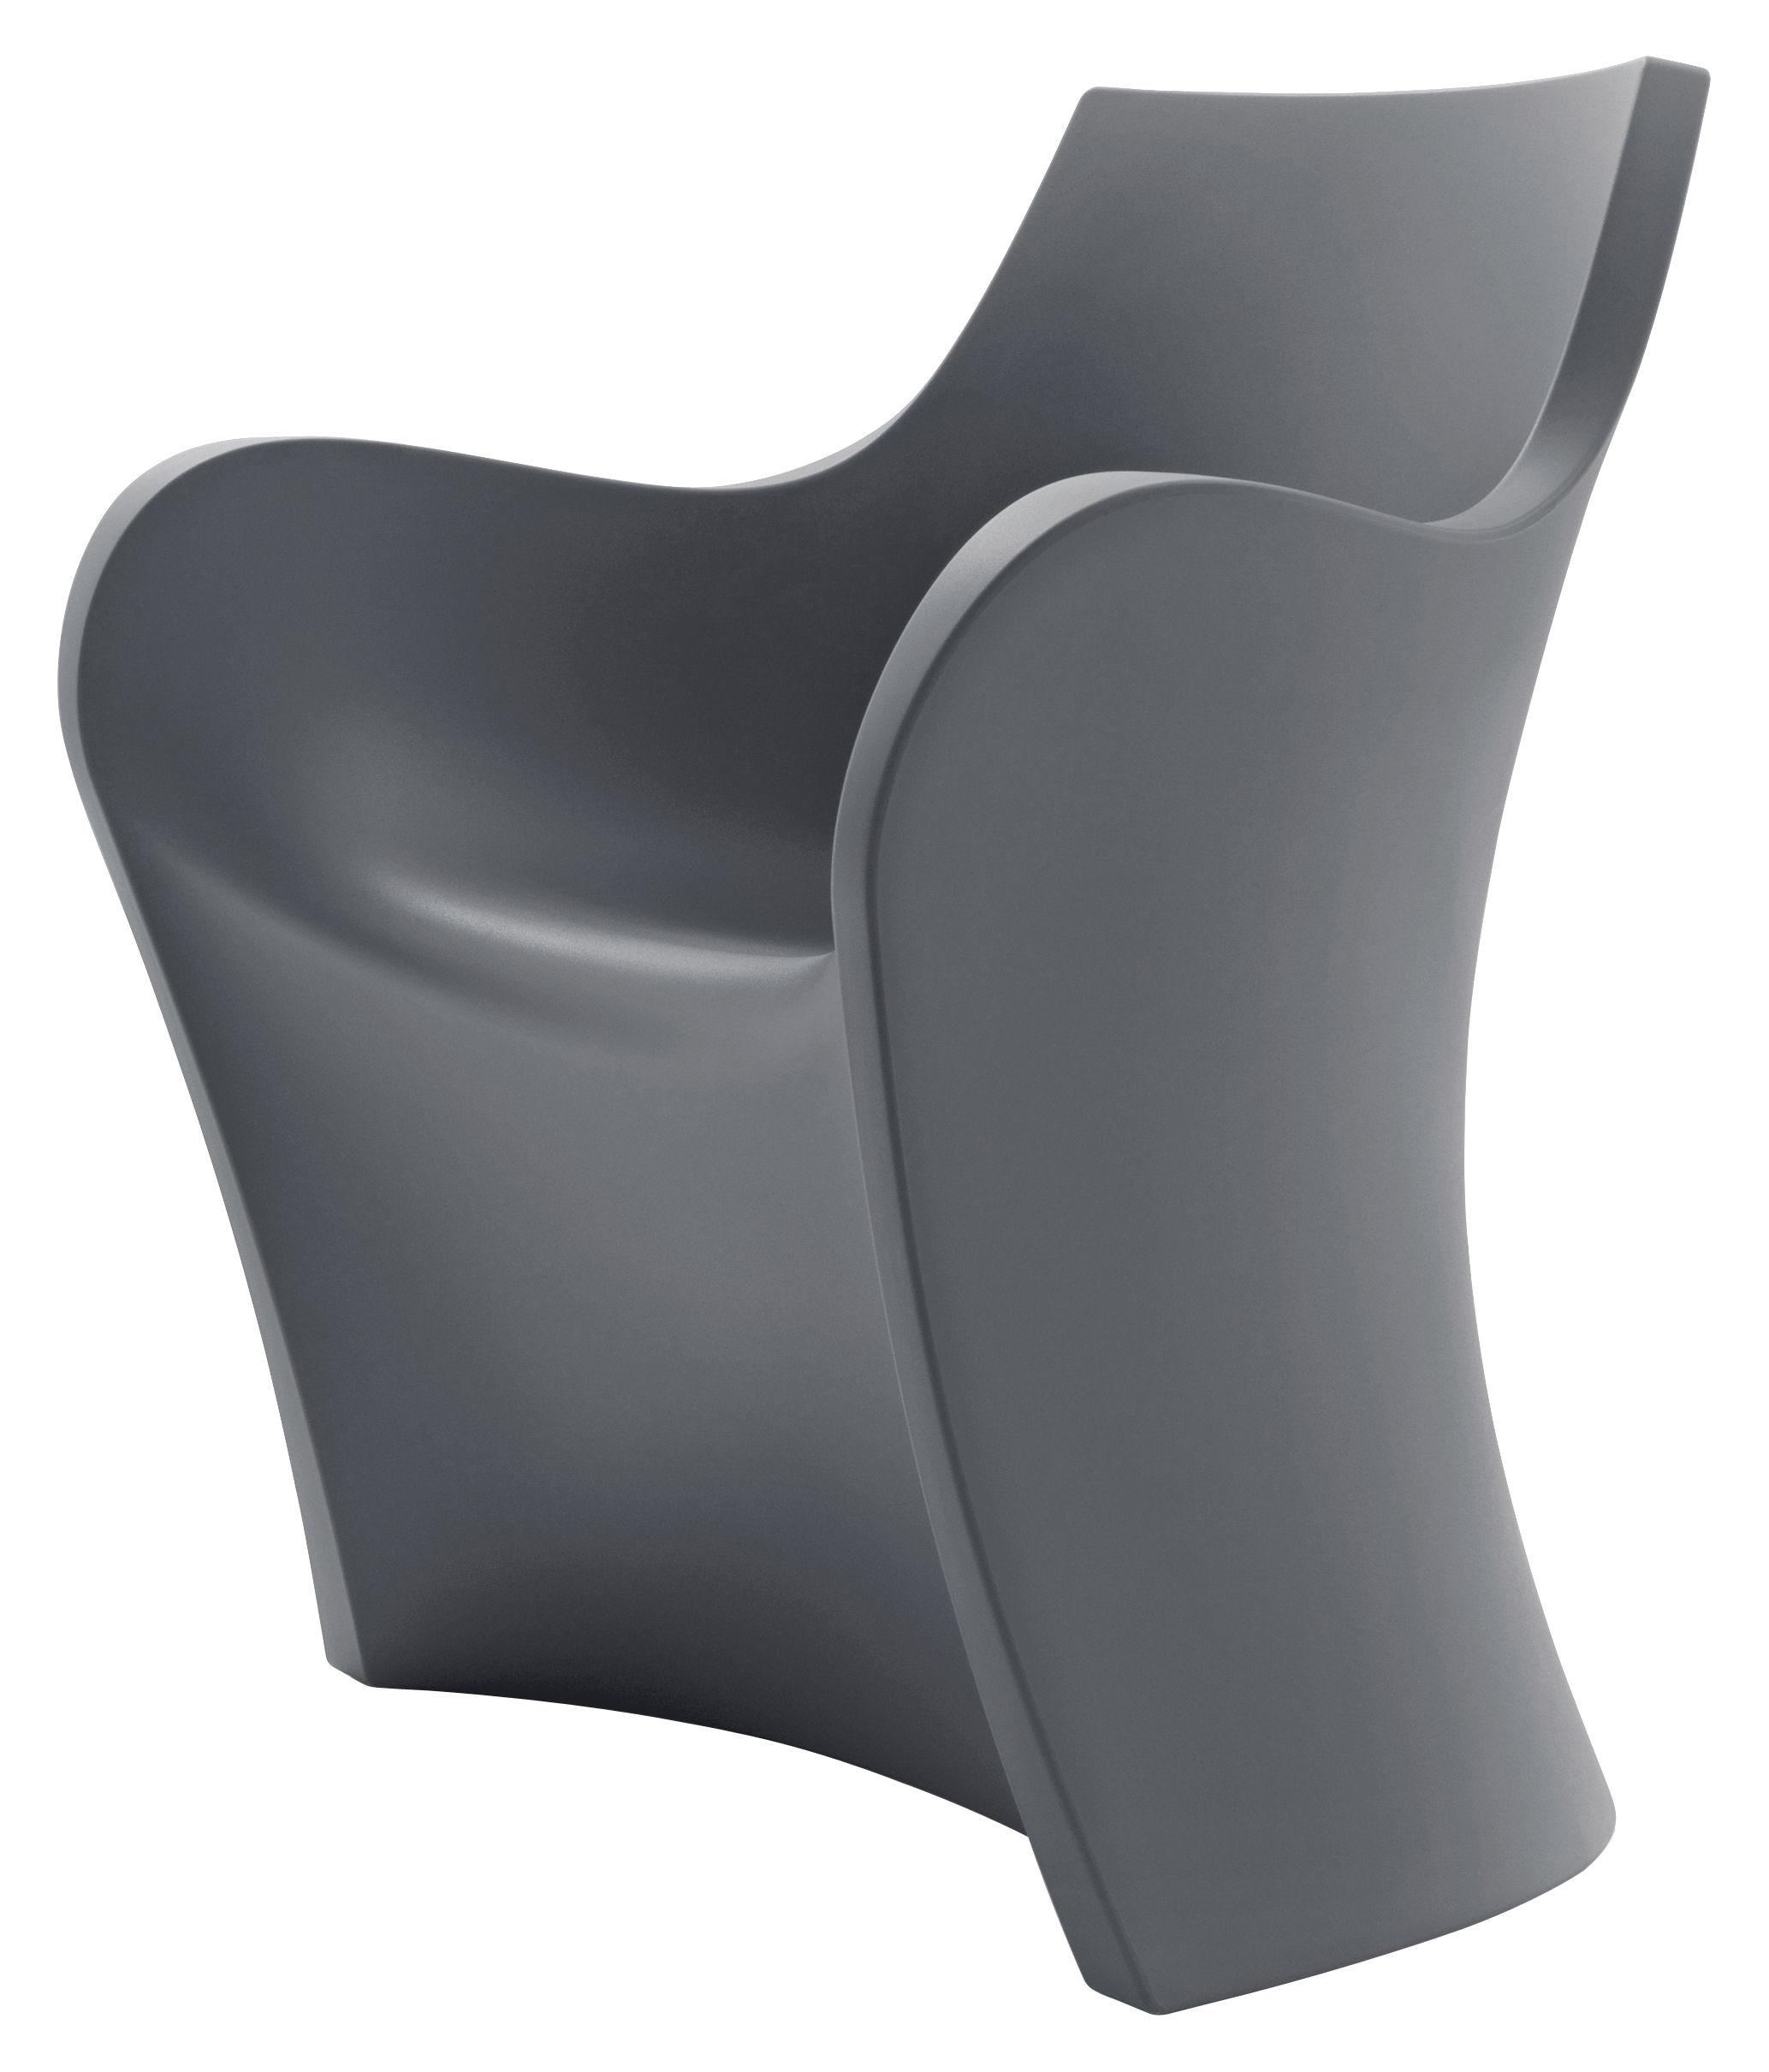 Outdoor - Chaises et fauteuils hauts - Fauteuil Woopy / Plastique - B-LINE - Gris - Polyéthylène rotomoulé